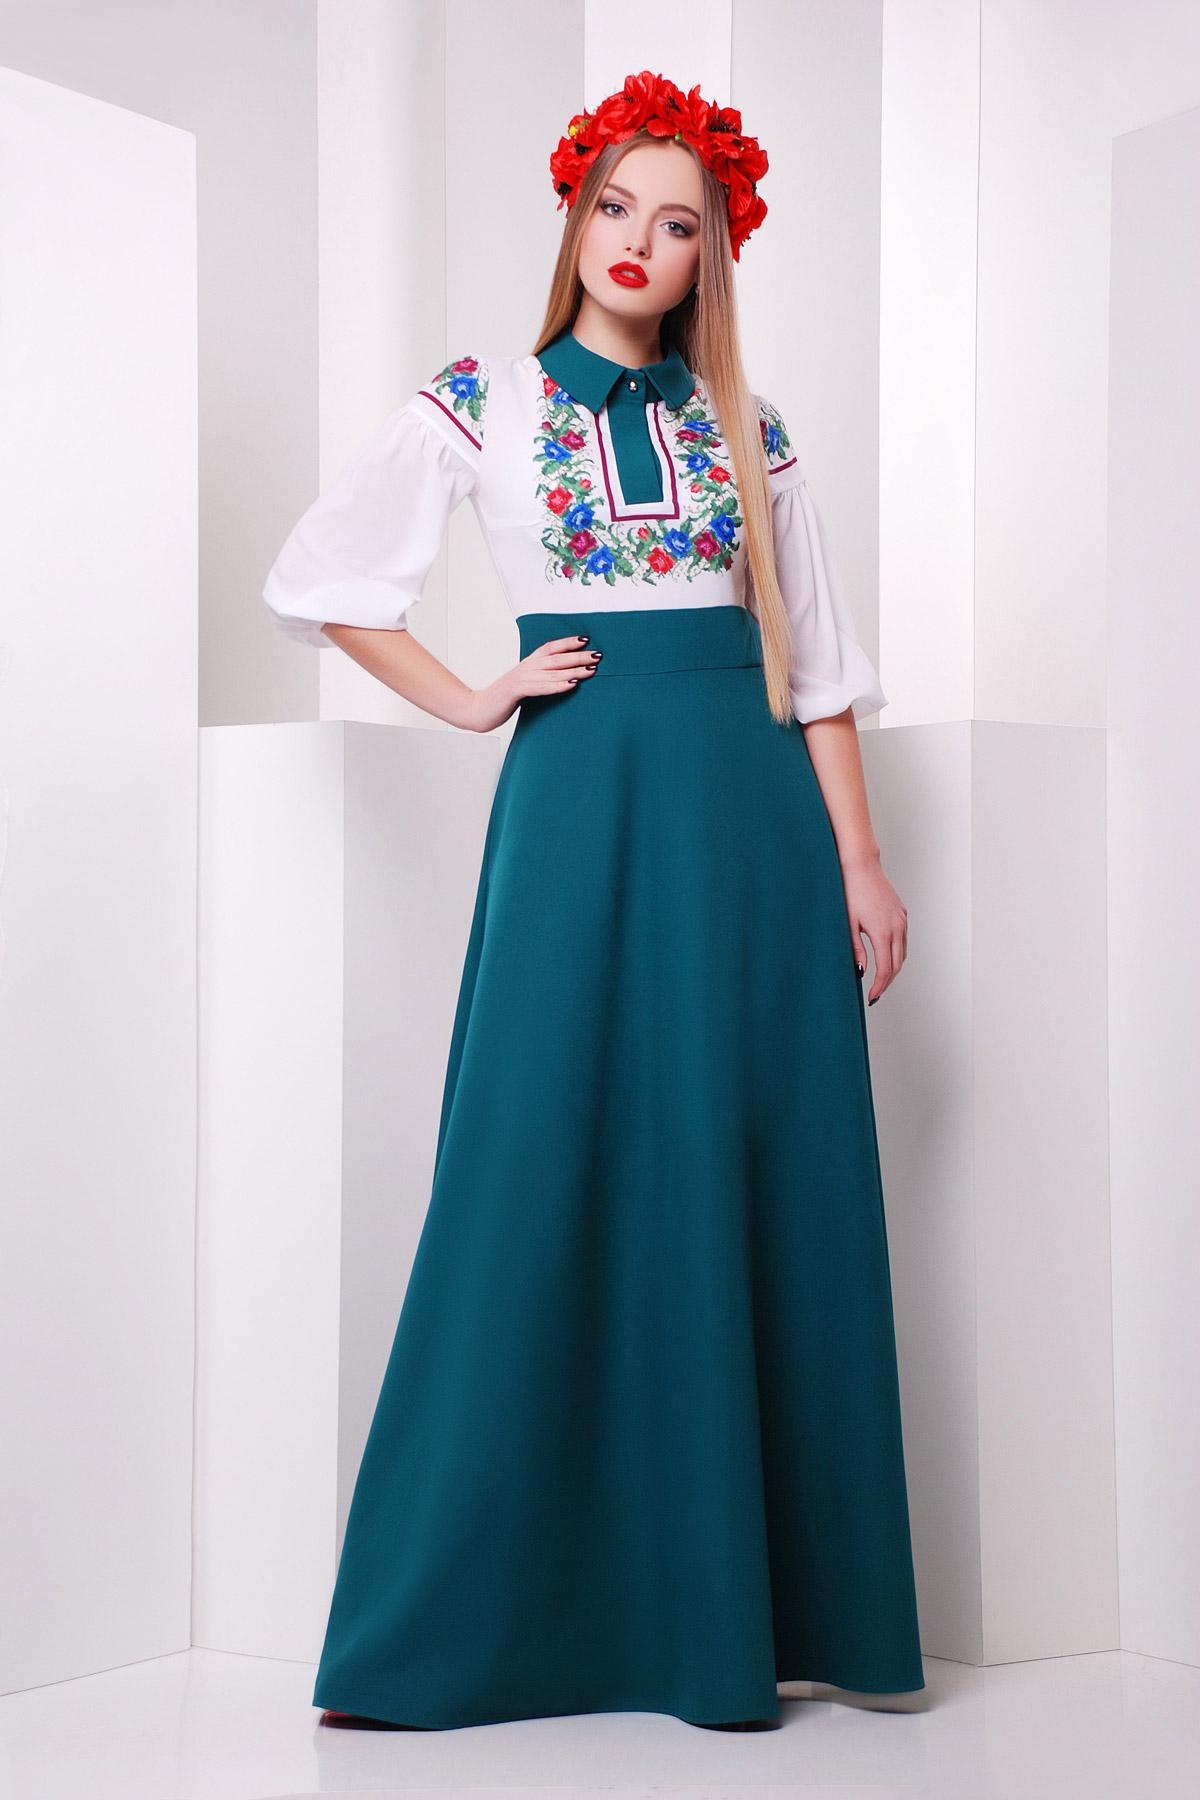 421634cc919 Длинное платье изумрудного цвета с белым верхом. Цветы платье Валенсия д р.  Цвет